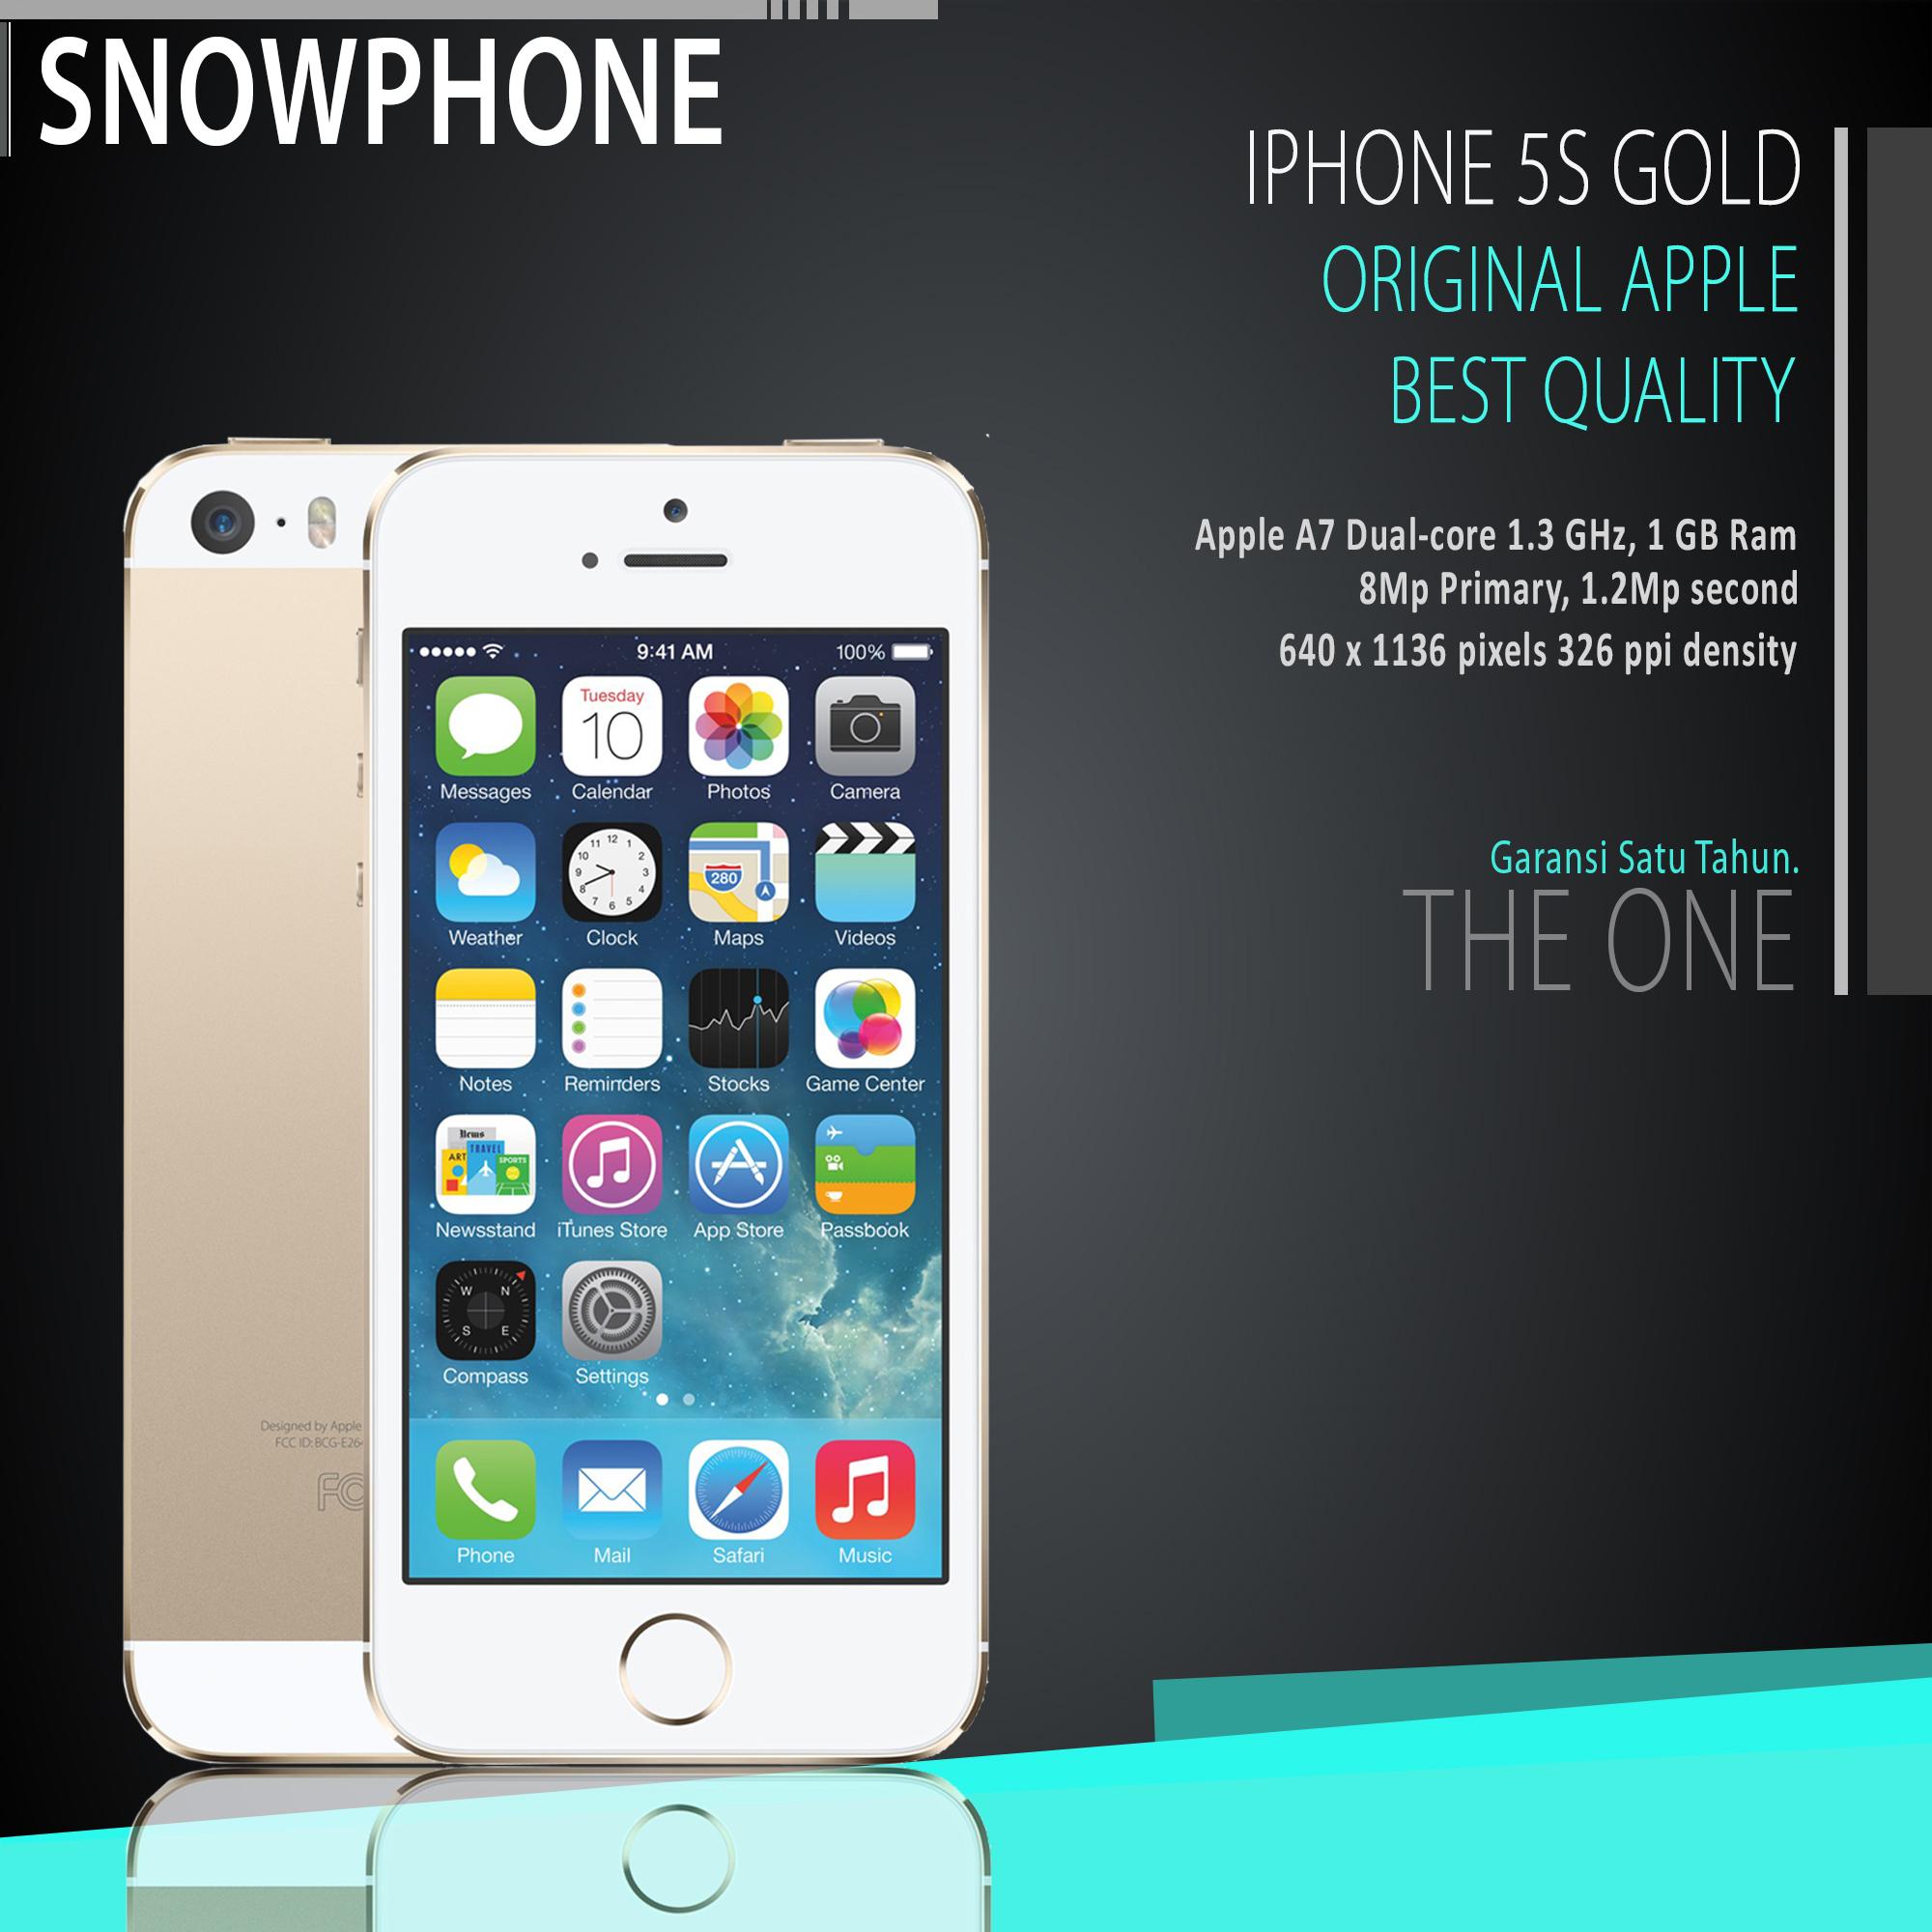 Iphone 5s Gold 16gb Garansi 2 Tahun Spec Dan Daftar Harga Terbaru 6 Distributor 1 Thn